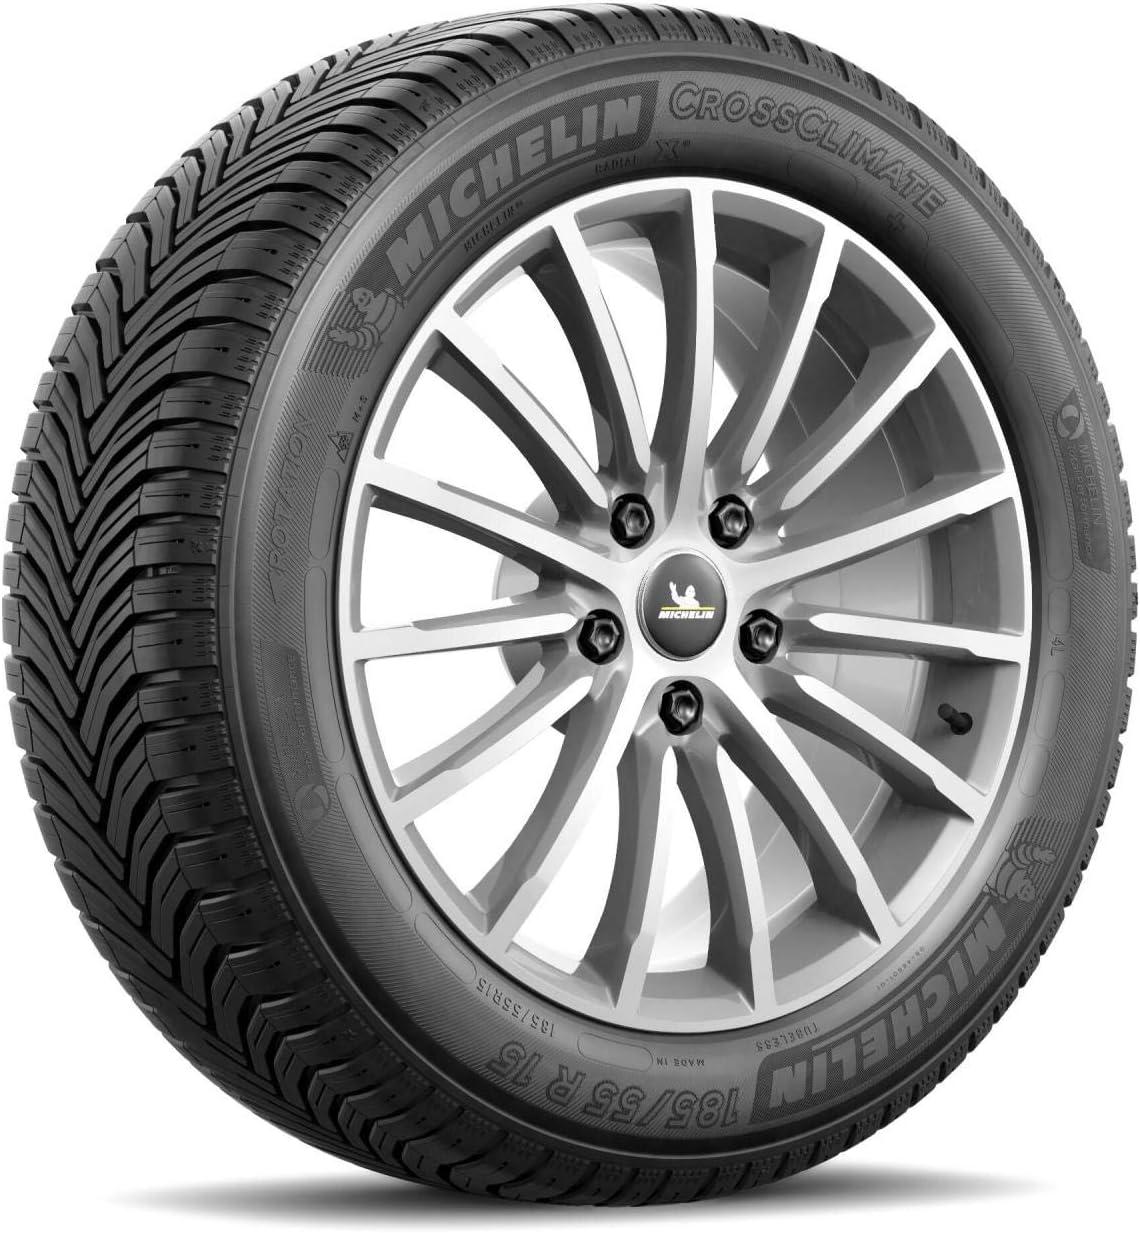 Reifen Alle Jahreszeiten Michelin Crossclimate 185 55 R15 86h Xl Auto